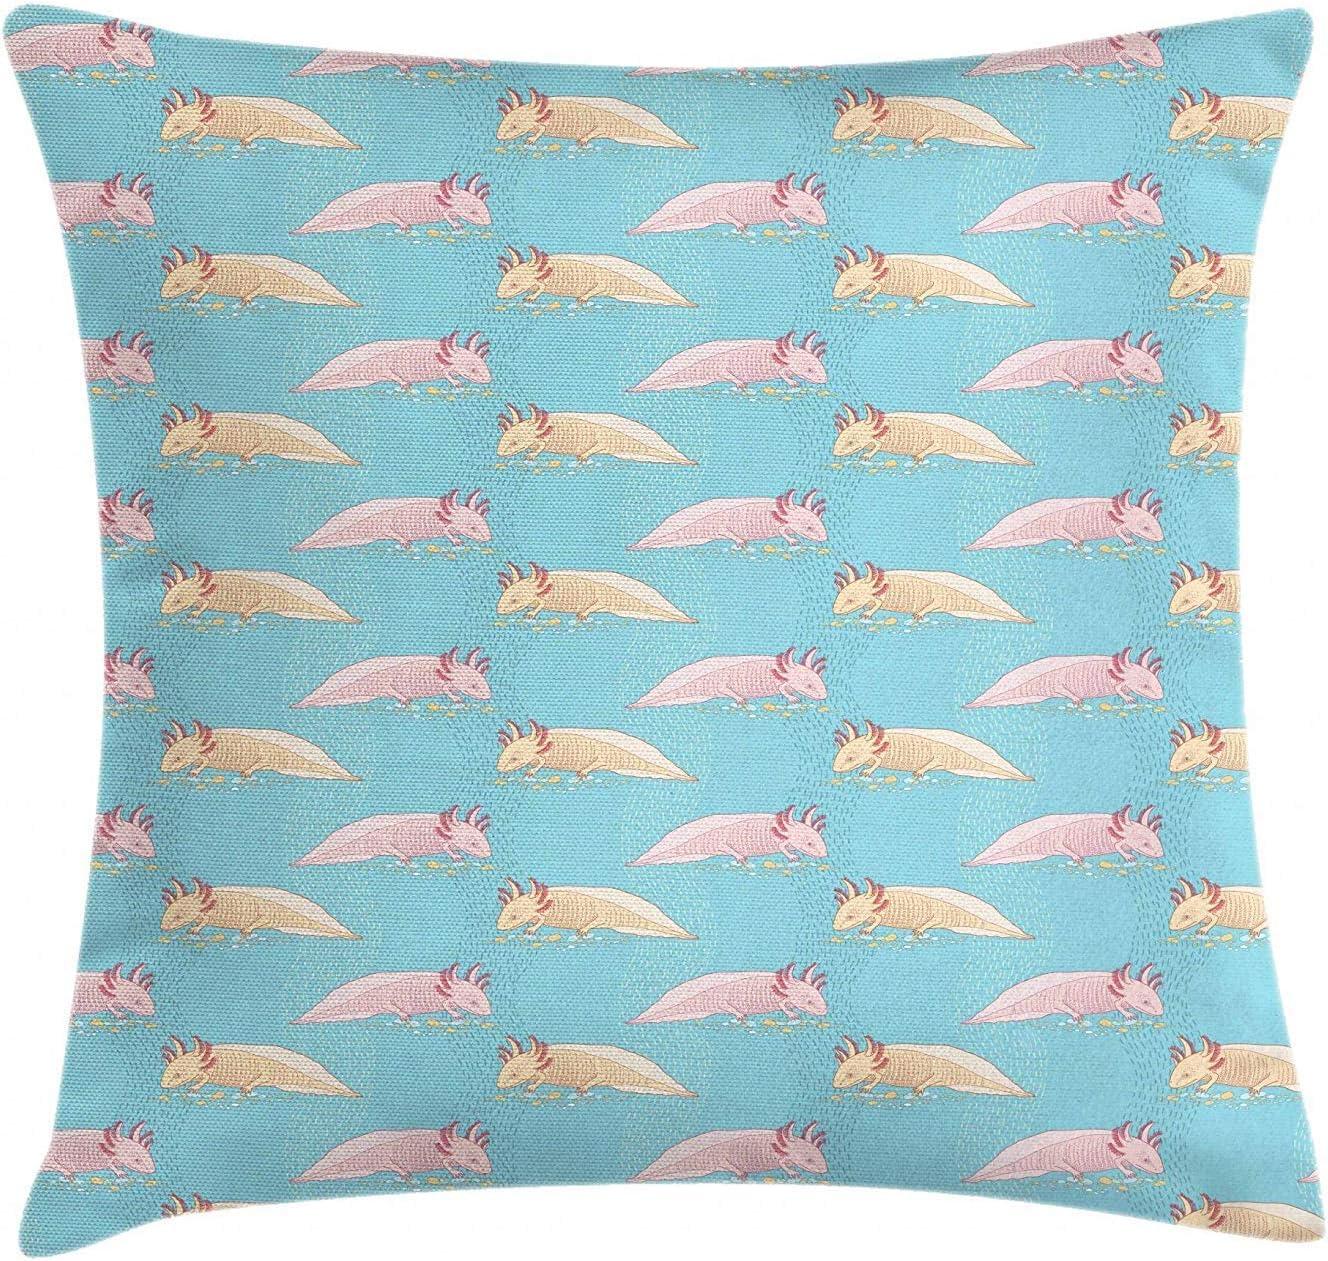 Axolotl Throw Pillow Cushion Cover